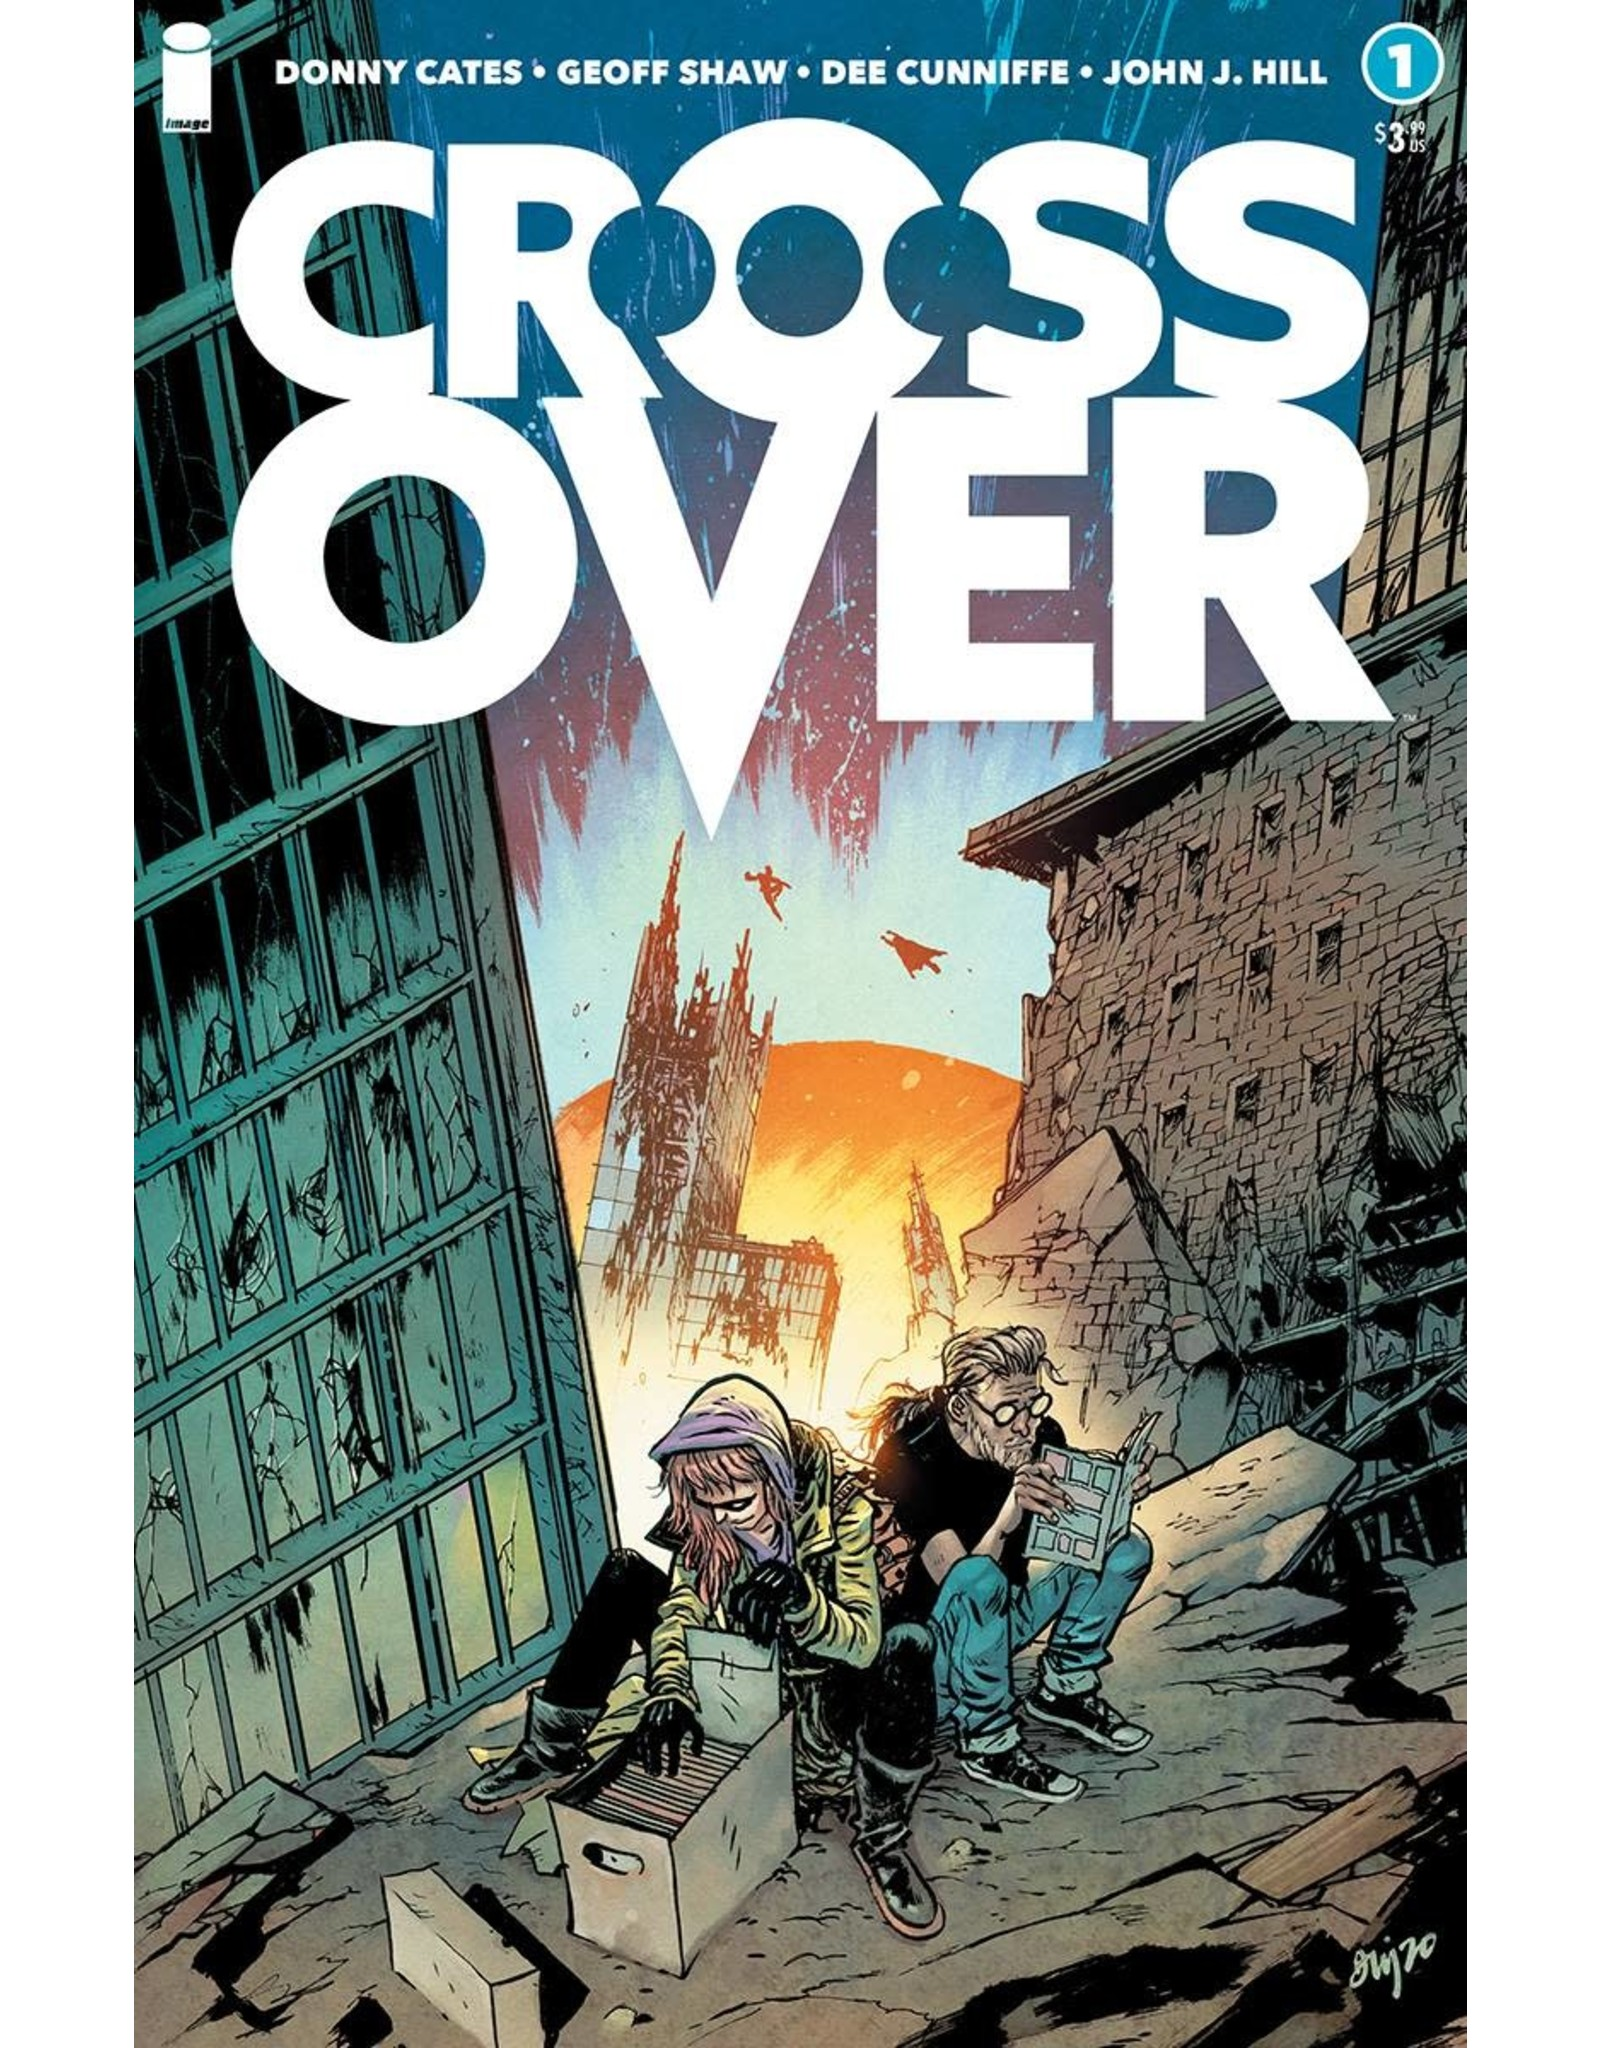 Image Comics CROSSOVER #1 CVR E 10 COPY INCV JOHNSON